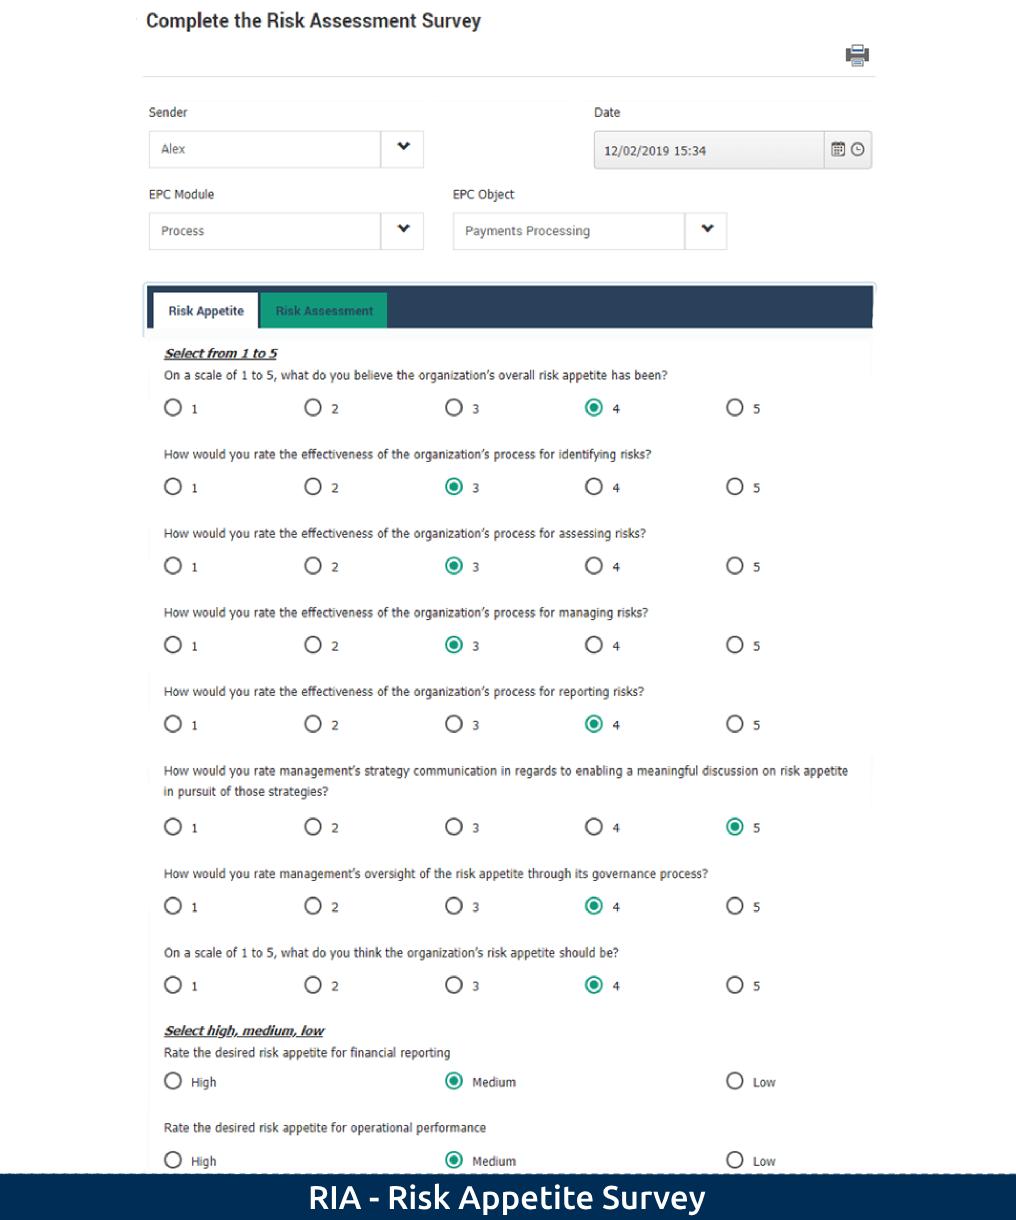 1-2 RIA - Risk Appetite Survey